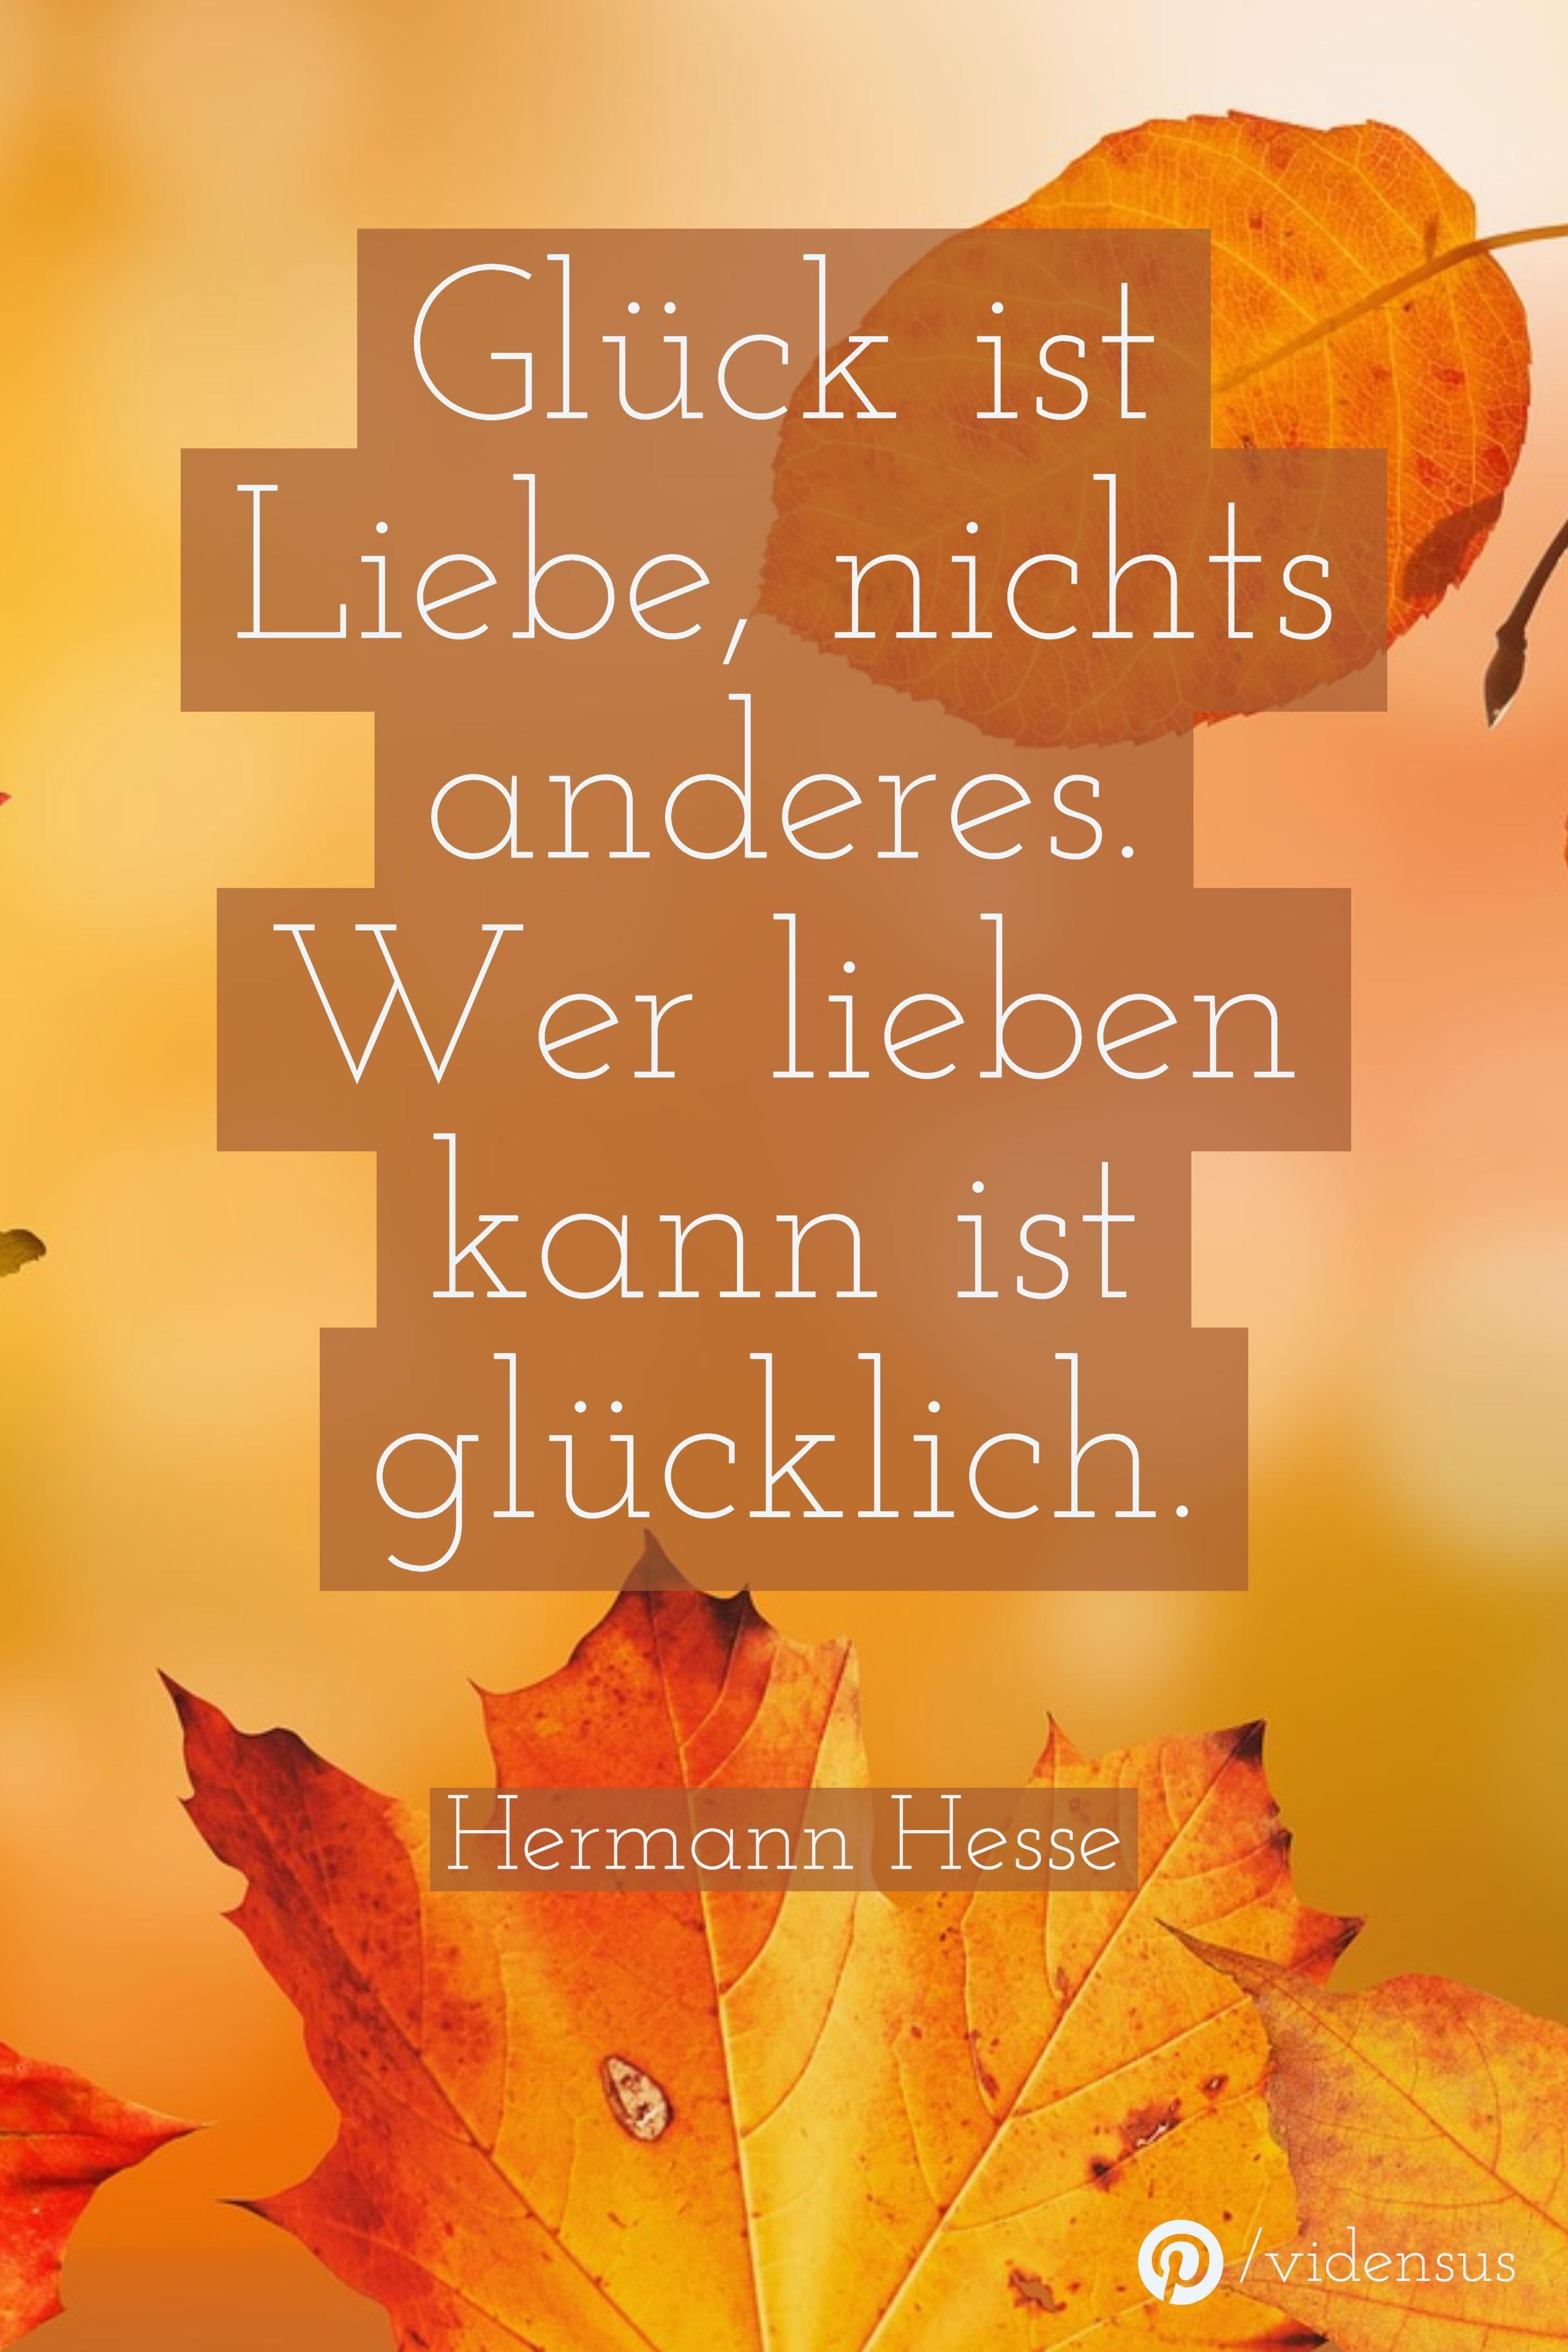 Entrancing Sprüche Mit Glück Reference Of #glück #weisheiten #zitate #sprüche #liebe